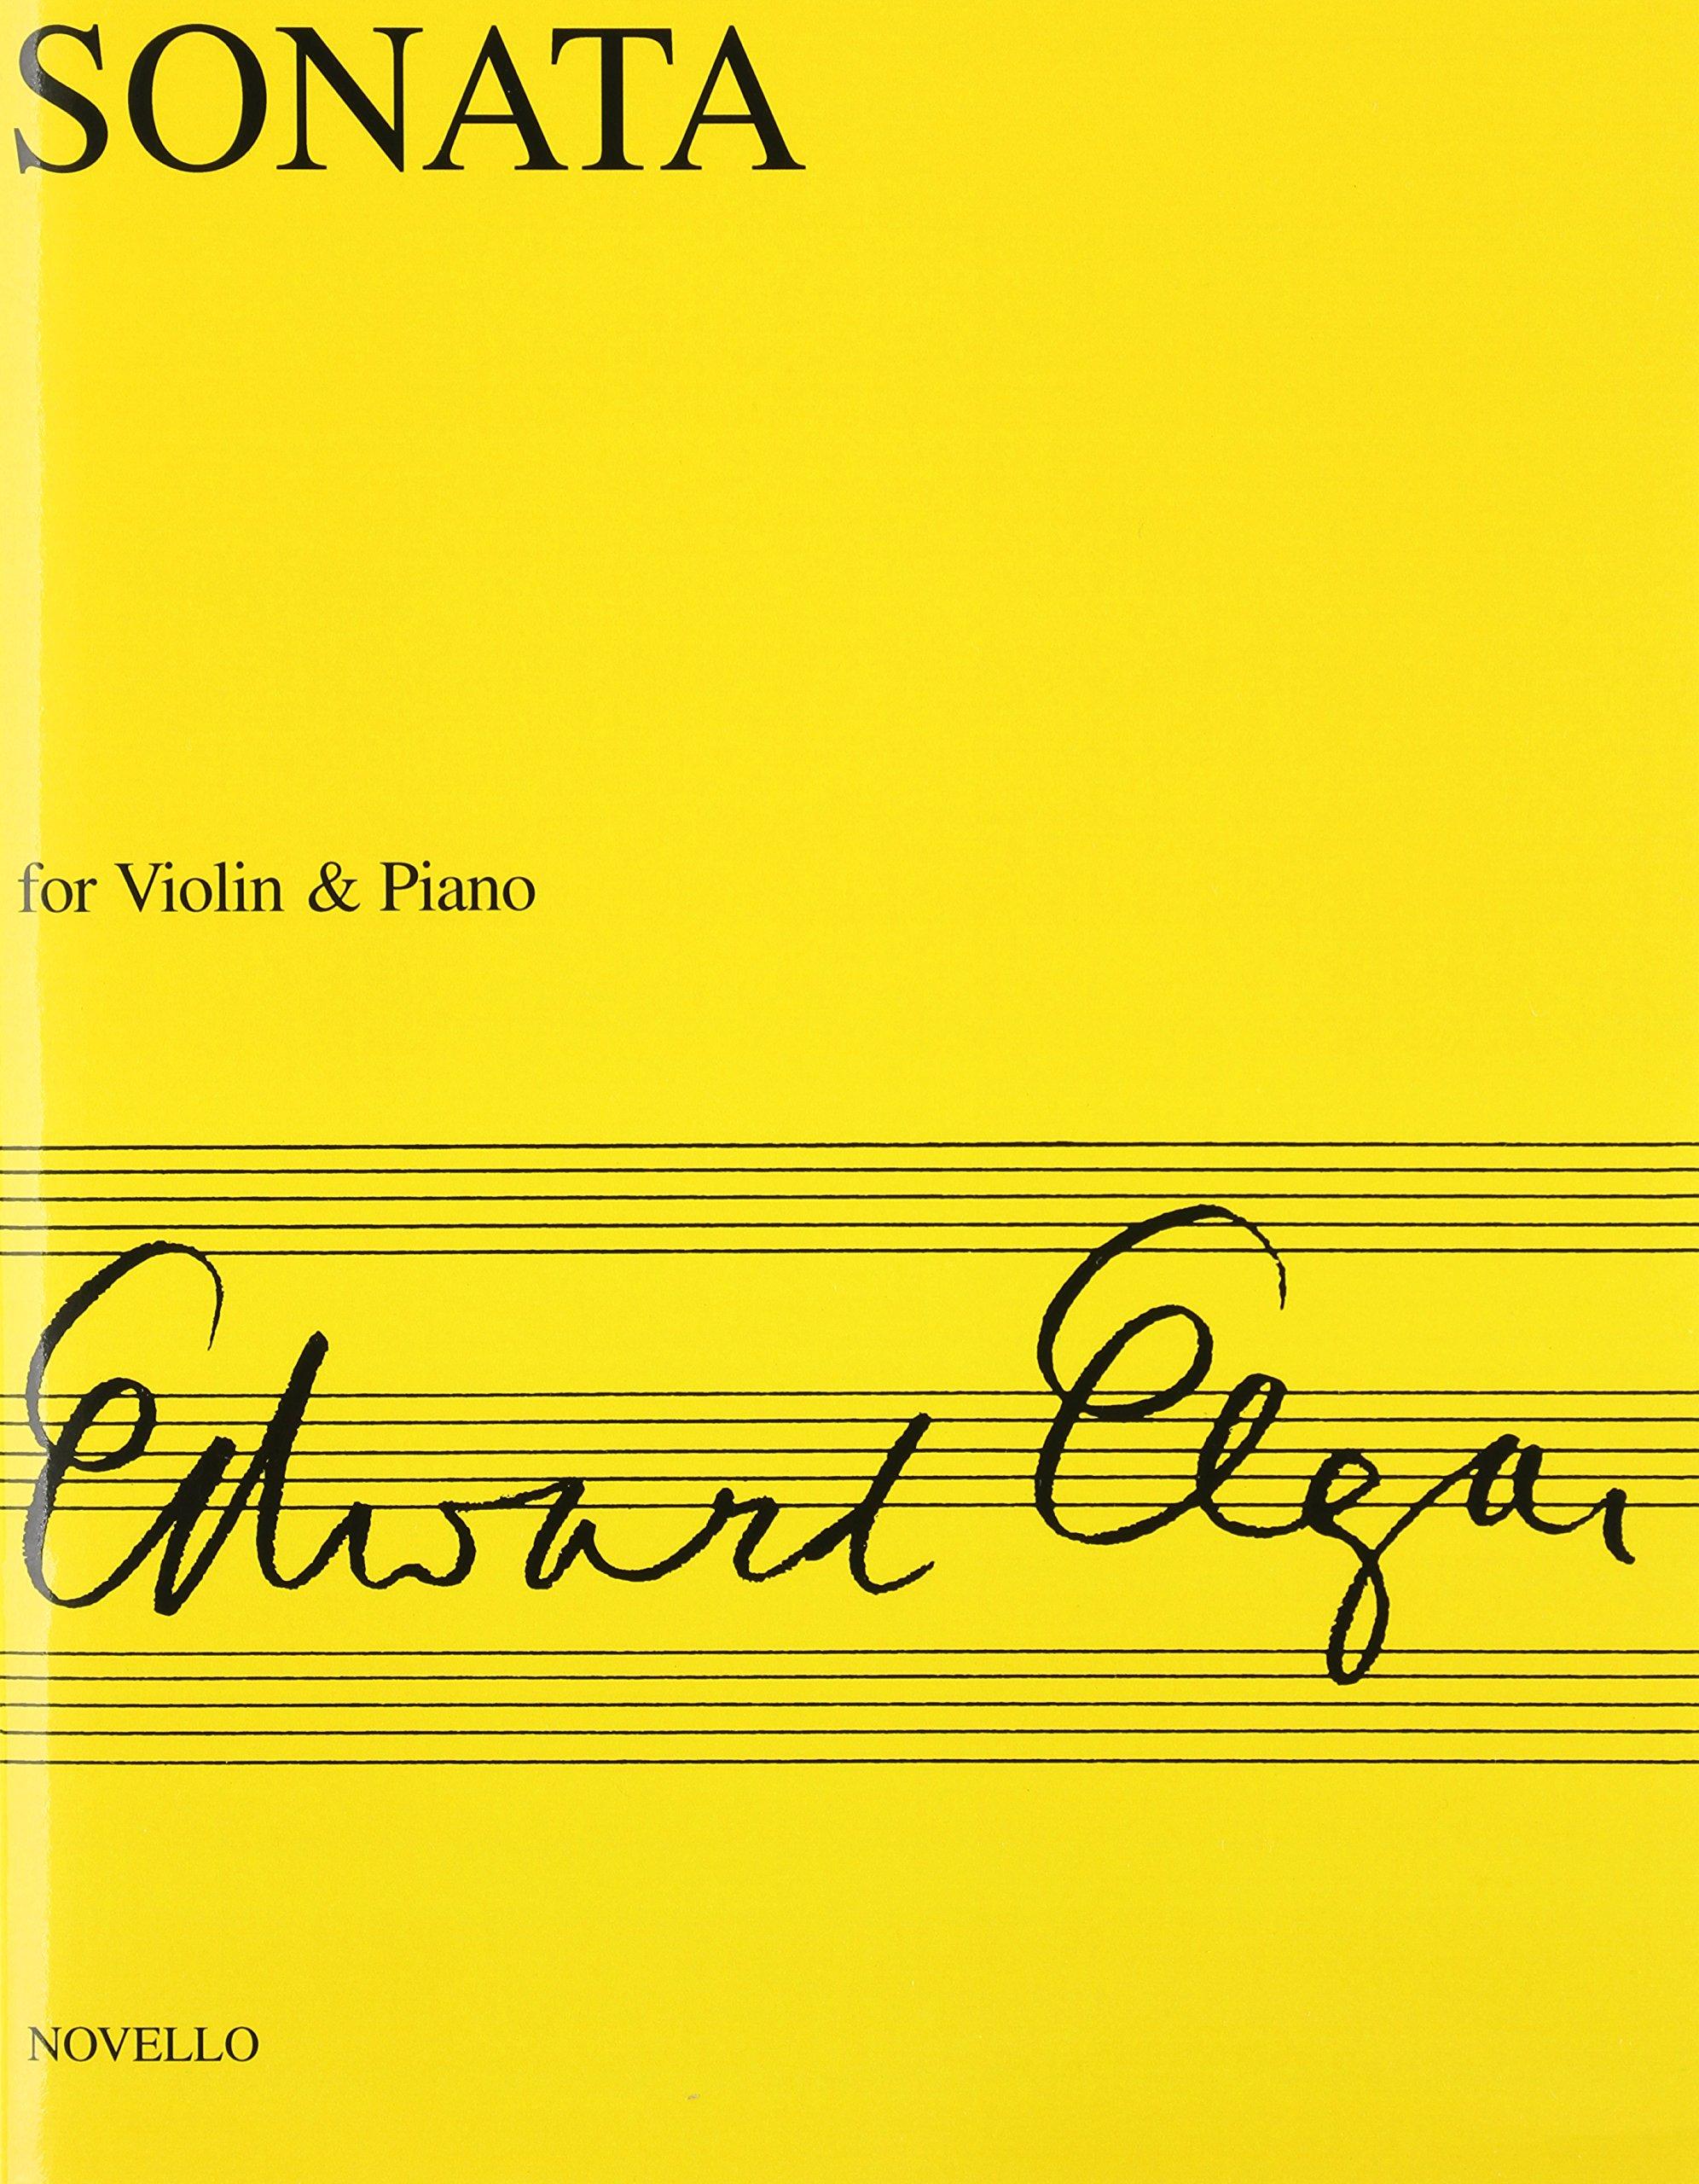 Sonata For Violin And Piano E Minor Edward Elgar